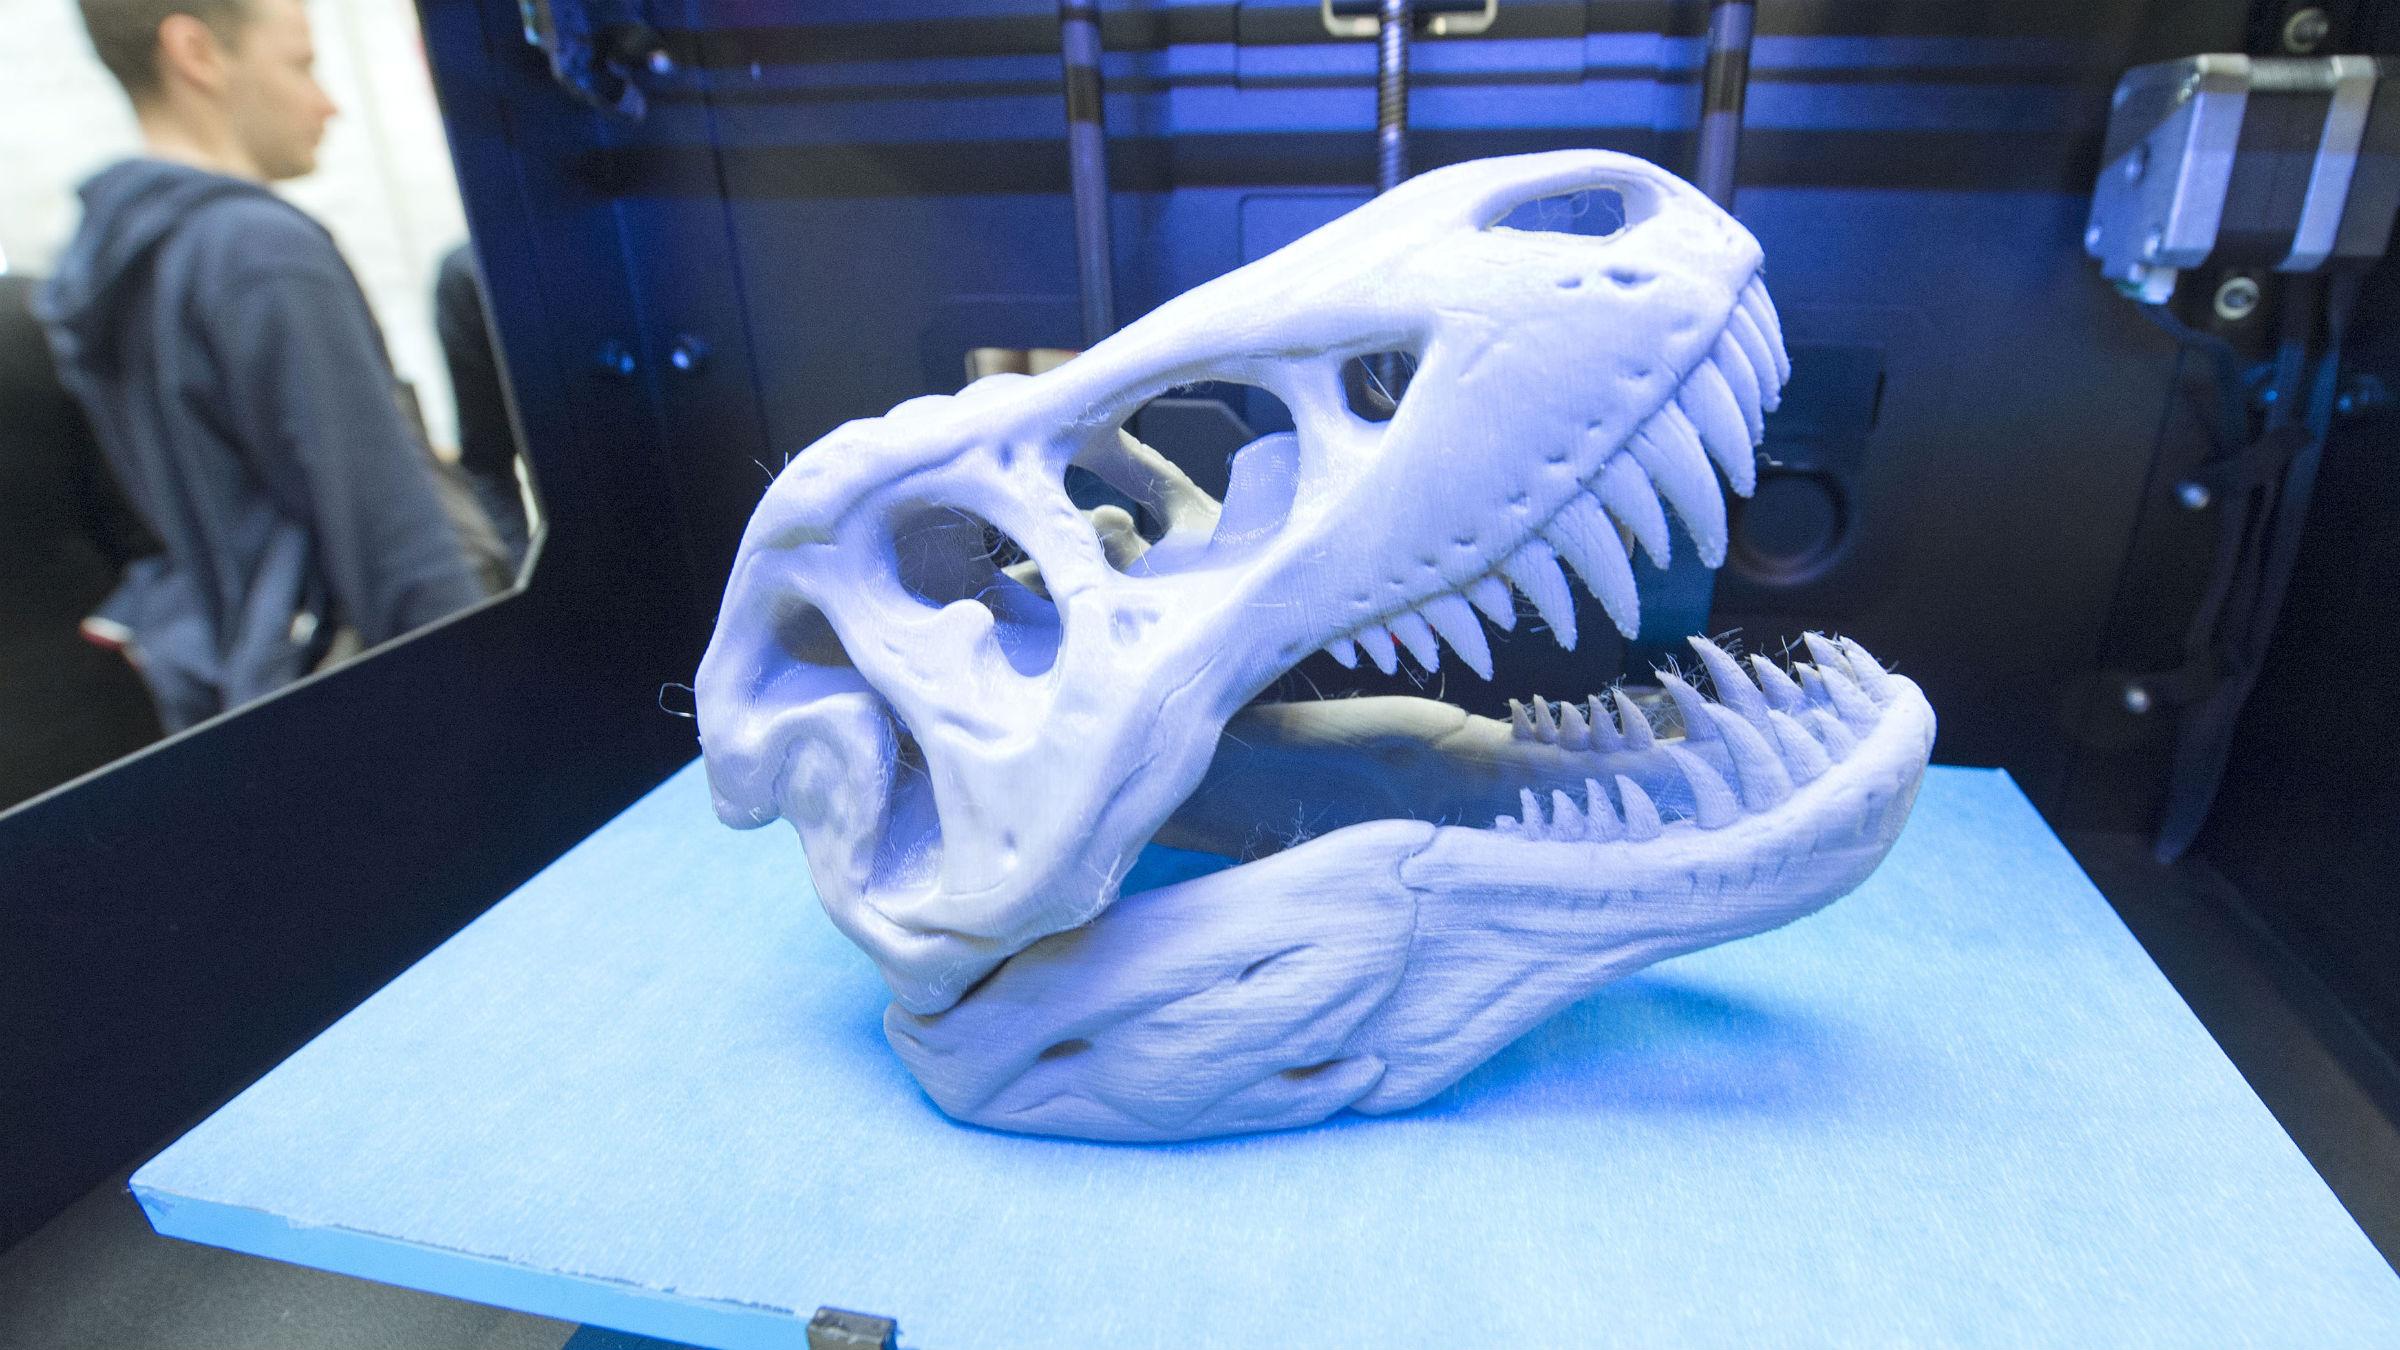 A 3-D printed dinosaur skull